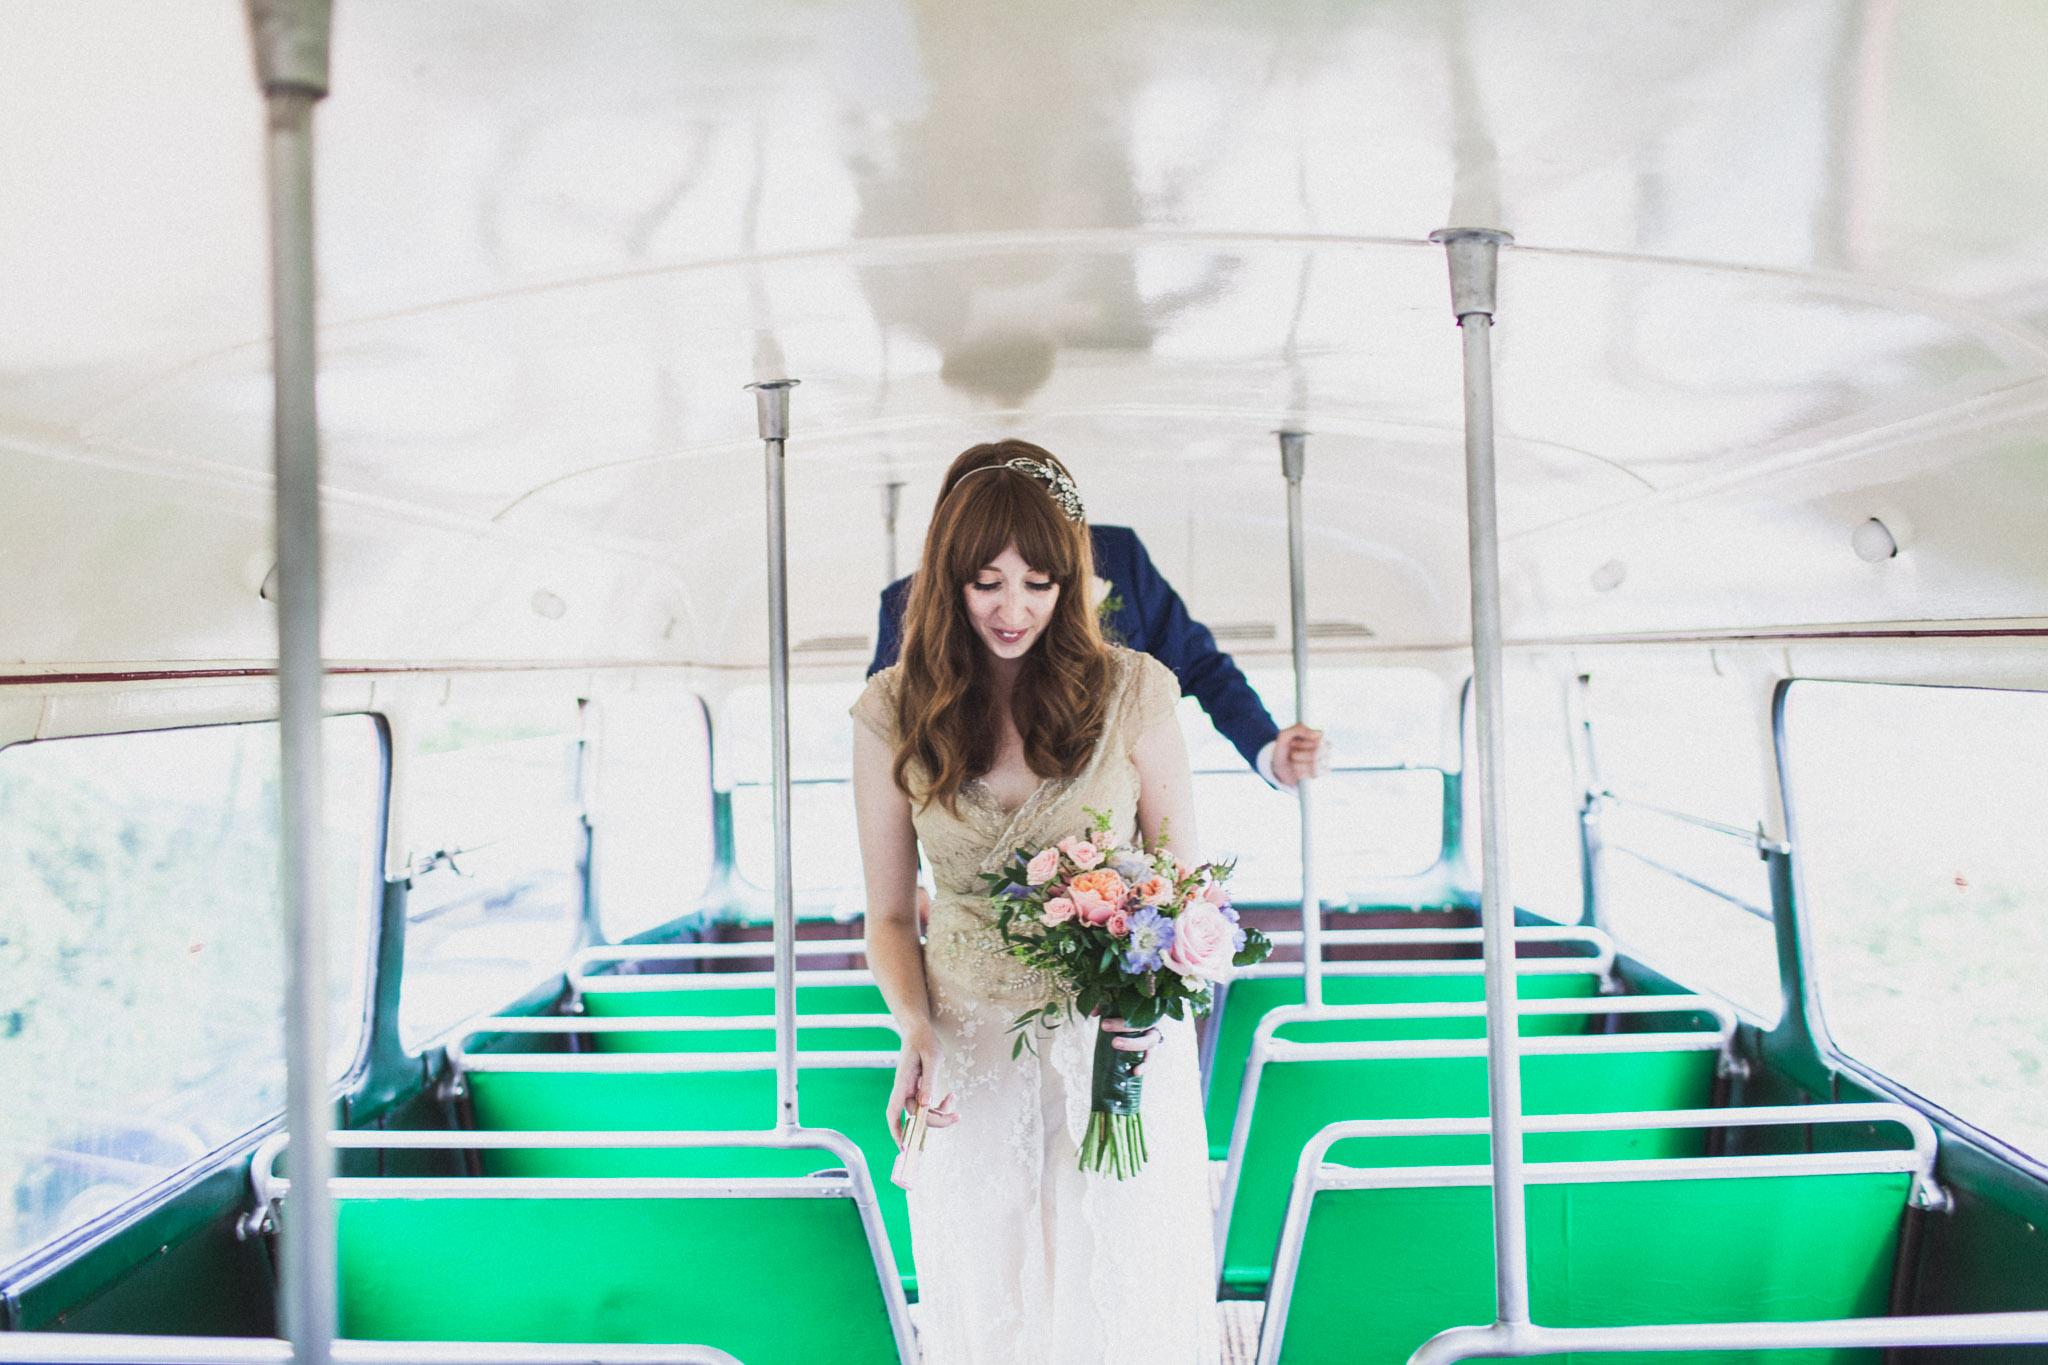 lewes_wedding_photographer_0050.jpg